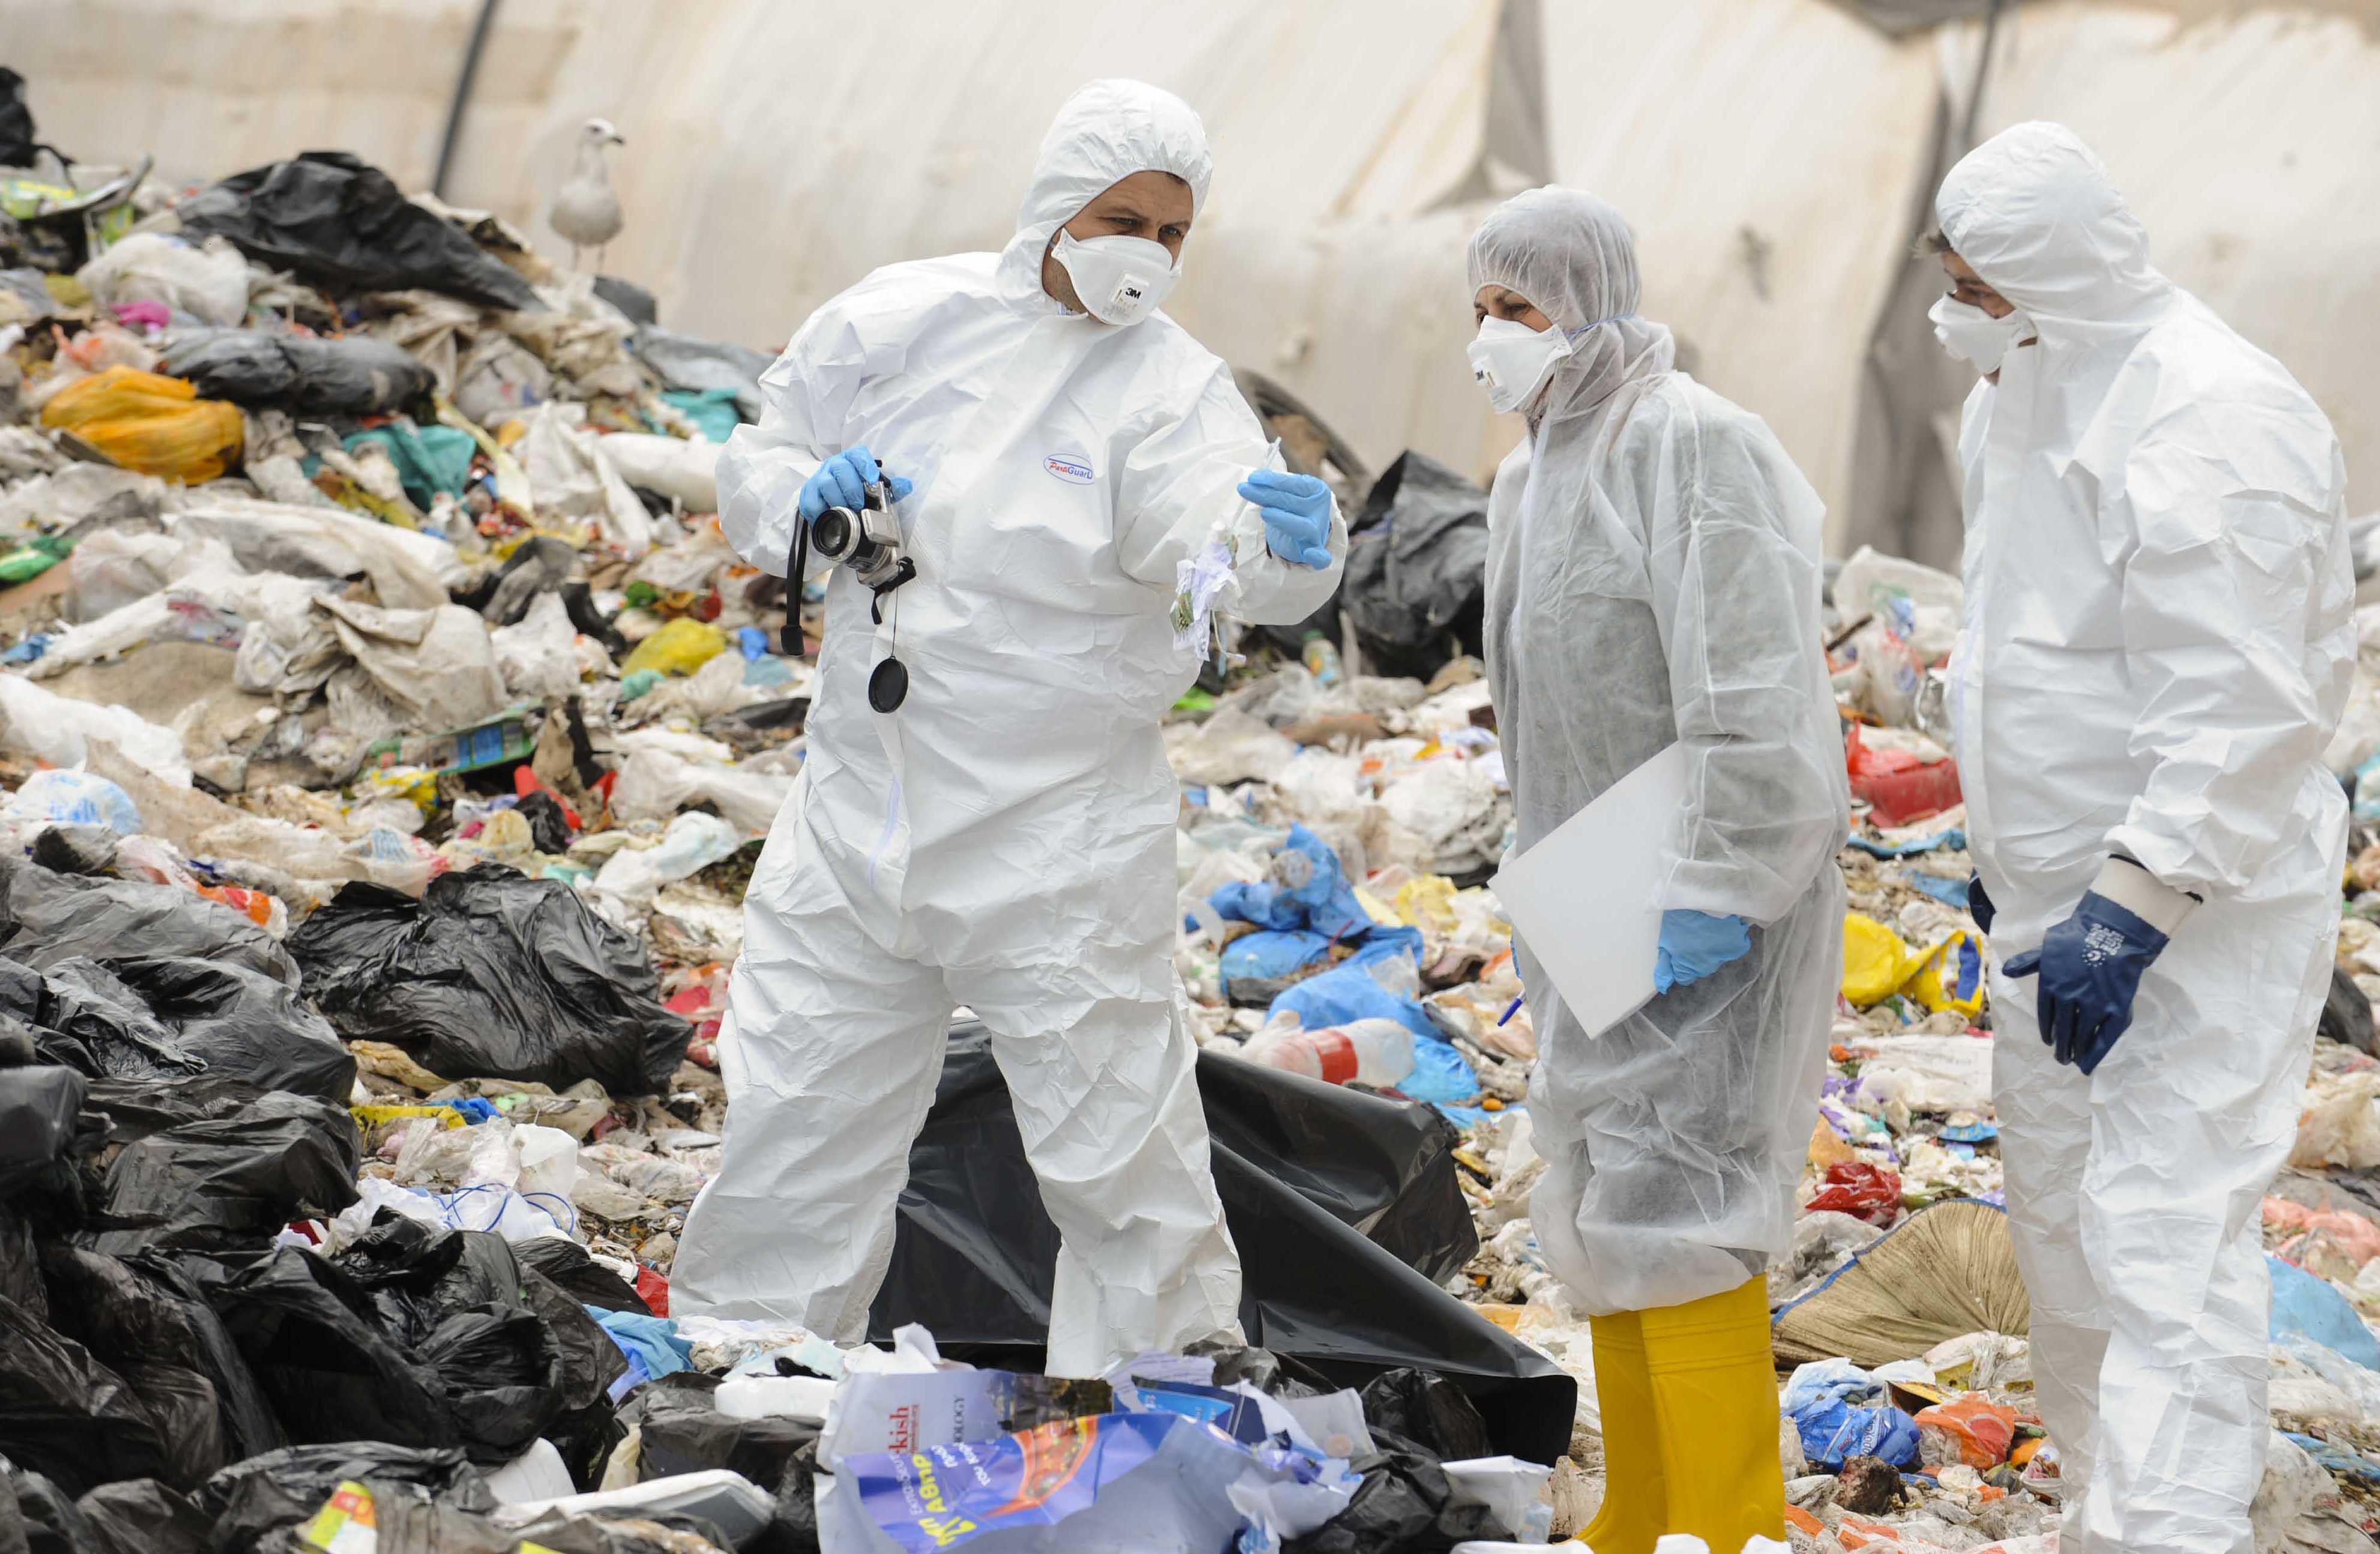 Διαχείριση αποβλήτων – λυμάτων: Η Ελλάδα στο κατώφλι του Ευρωπαϊκού Δικαστηρίου για 6 υποθέσεις